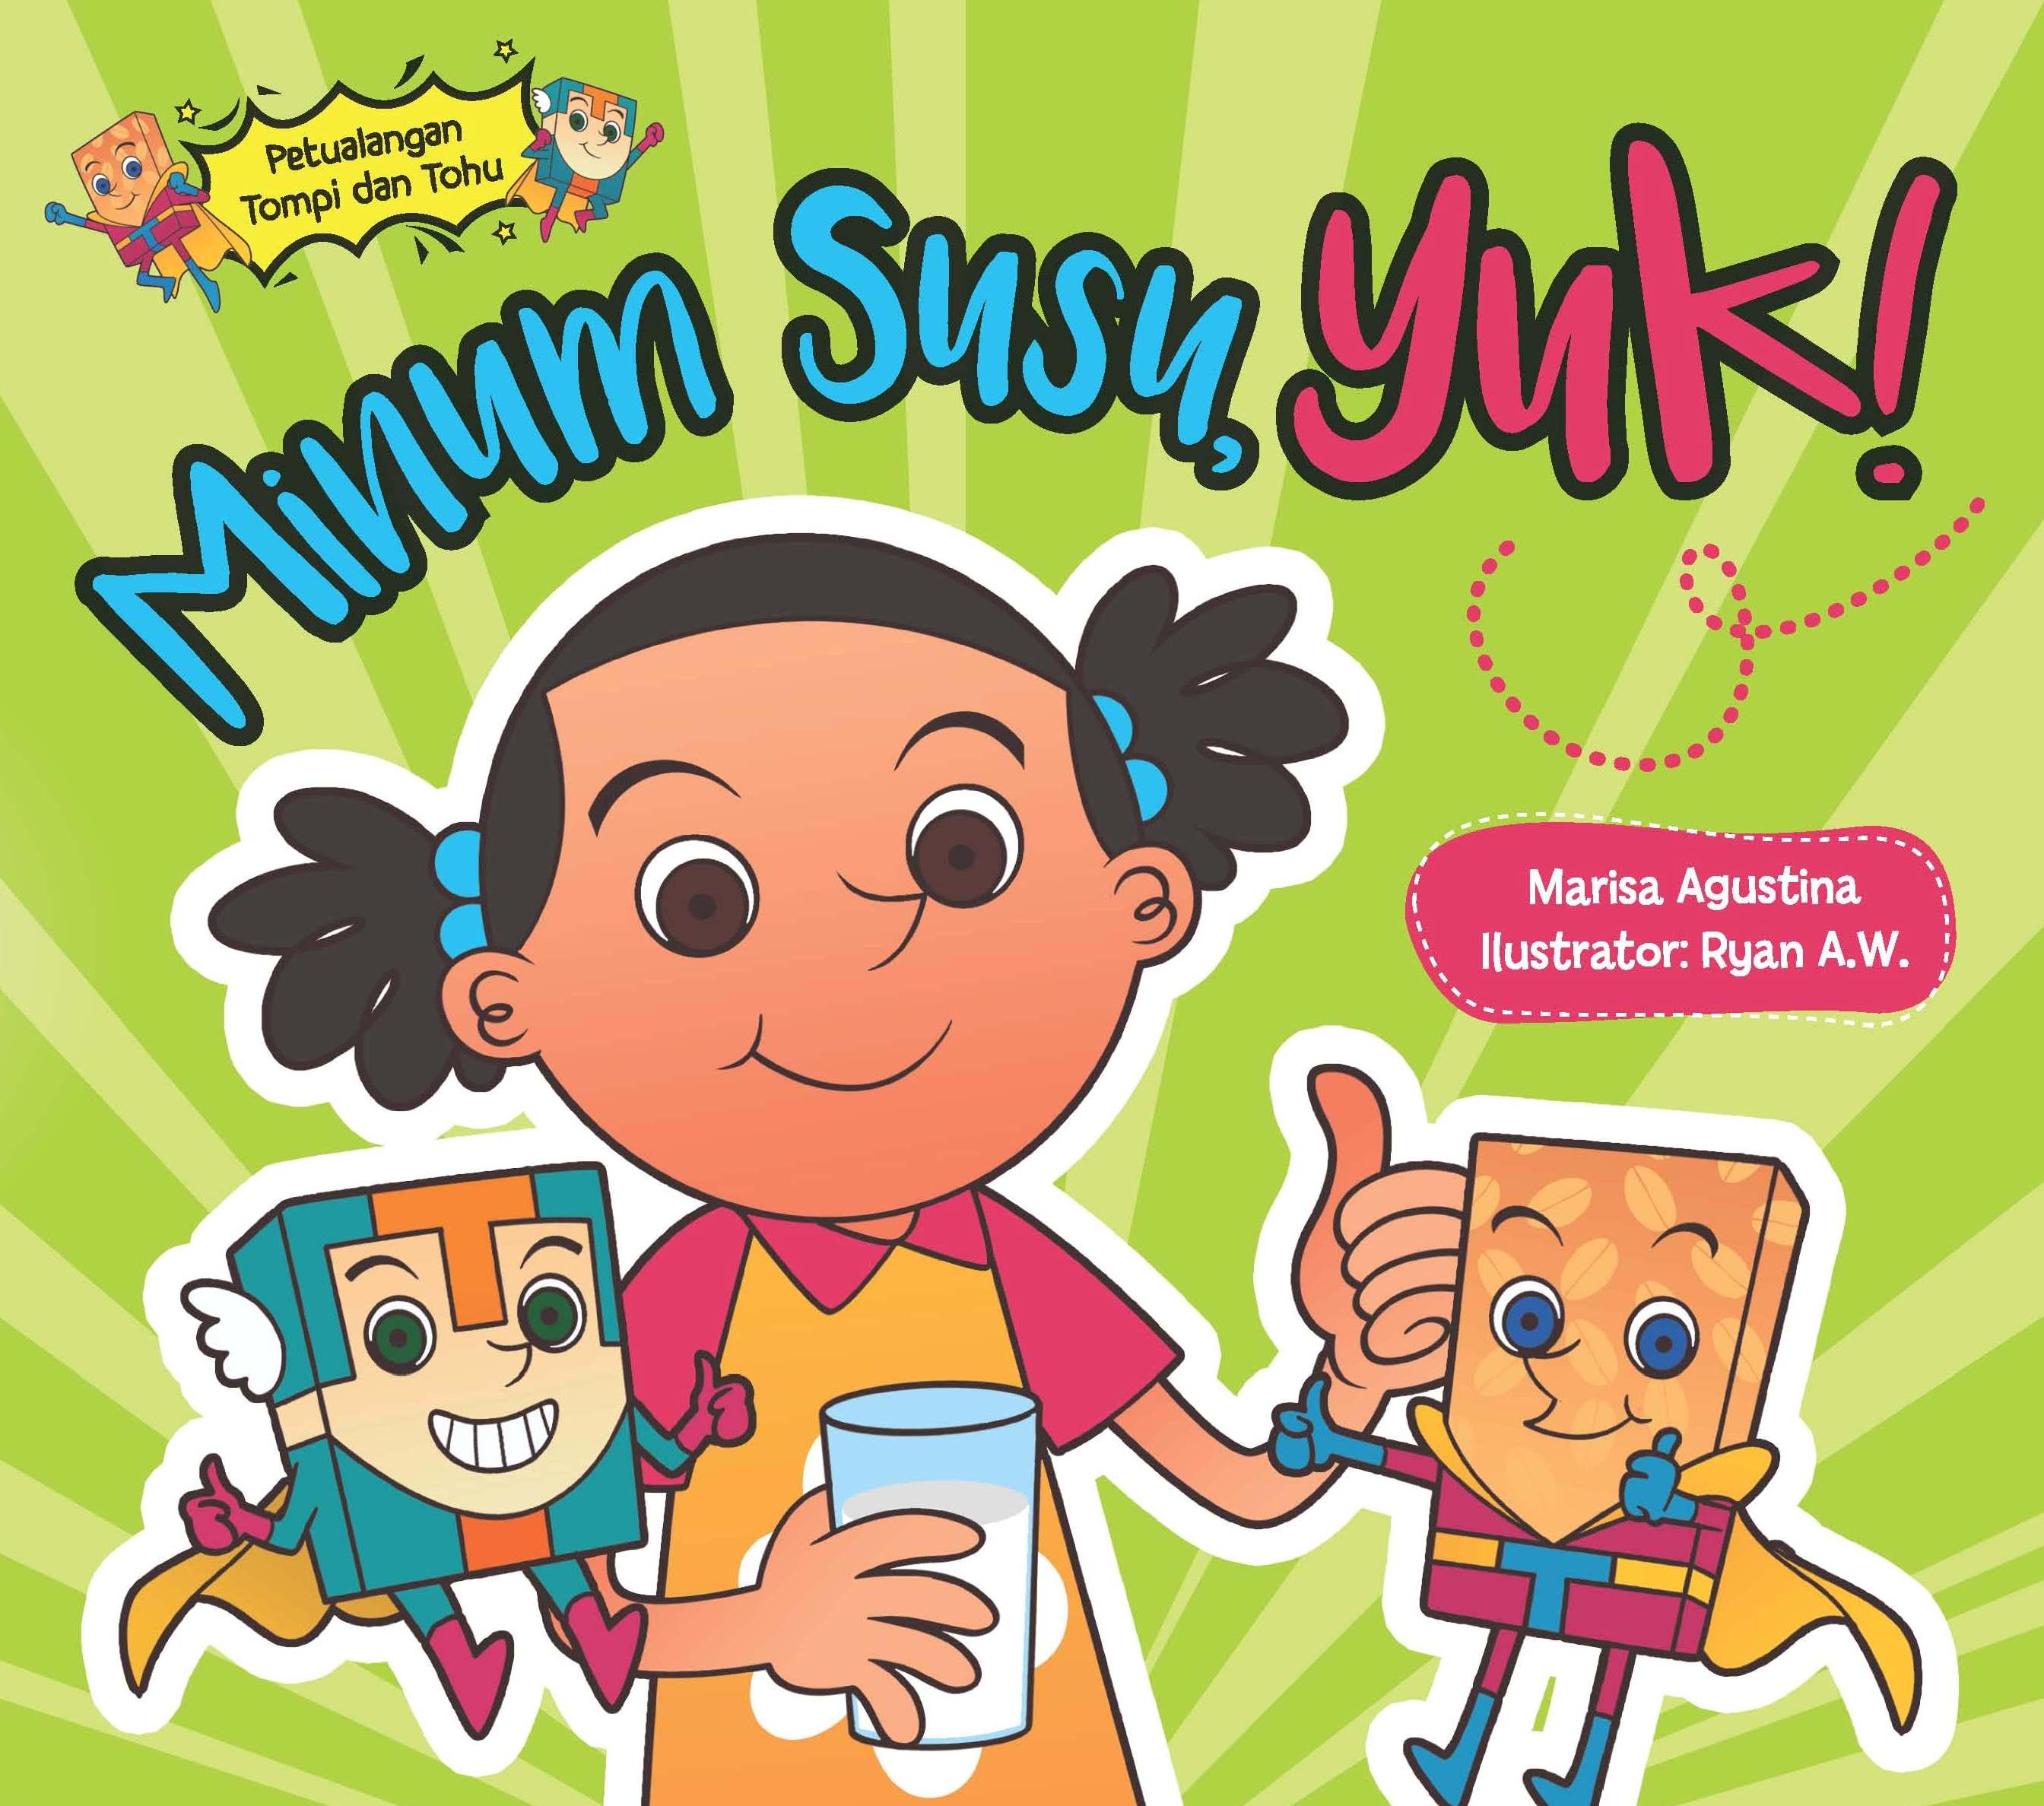 Minum susu, yuk! [sumber elektronis]